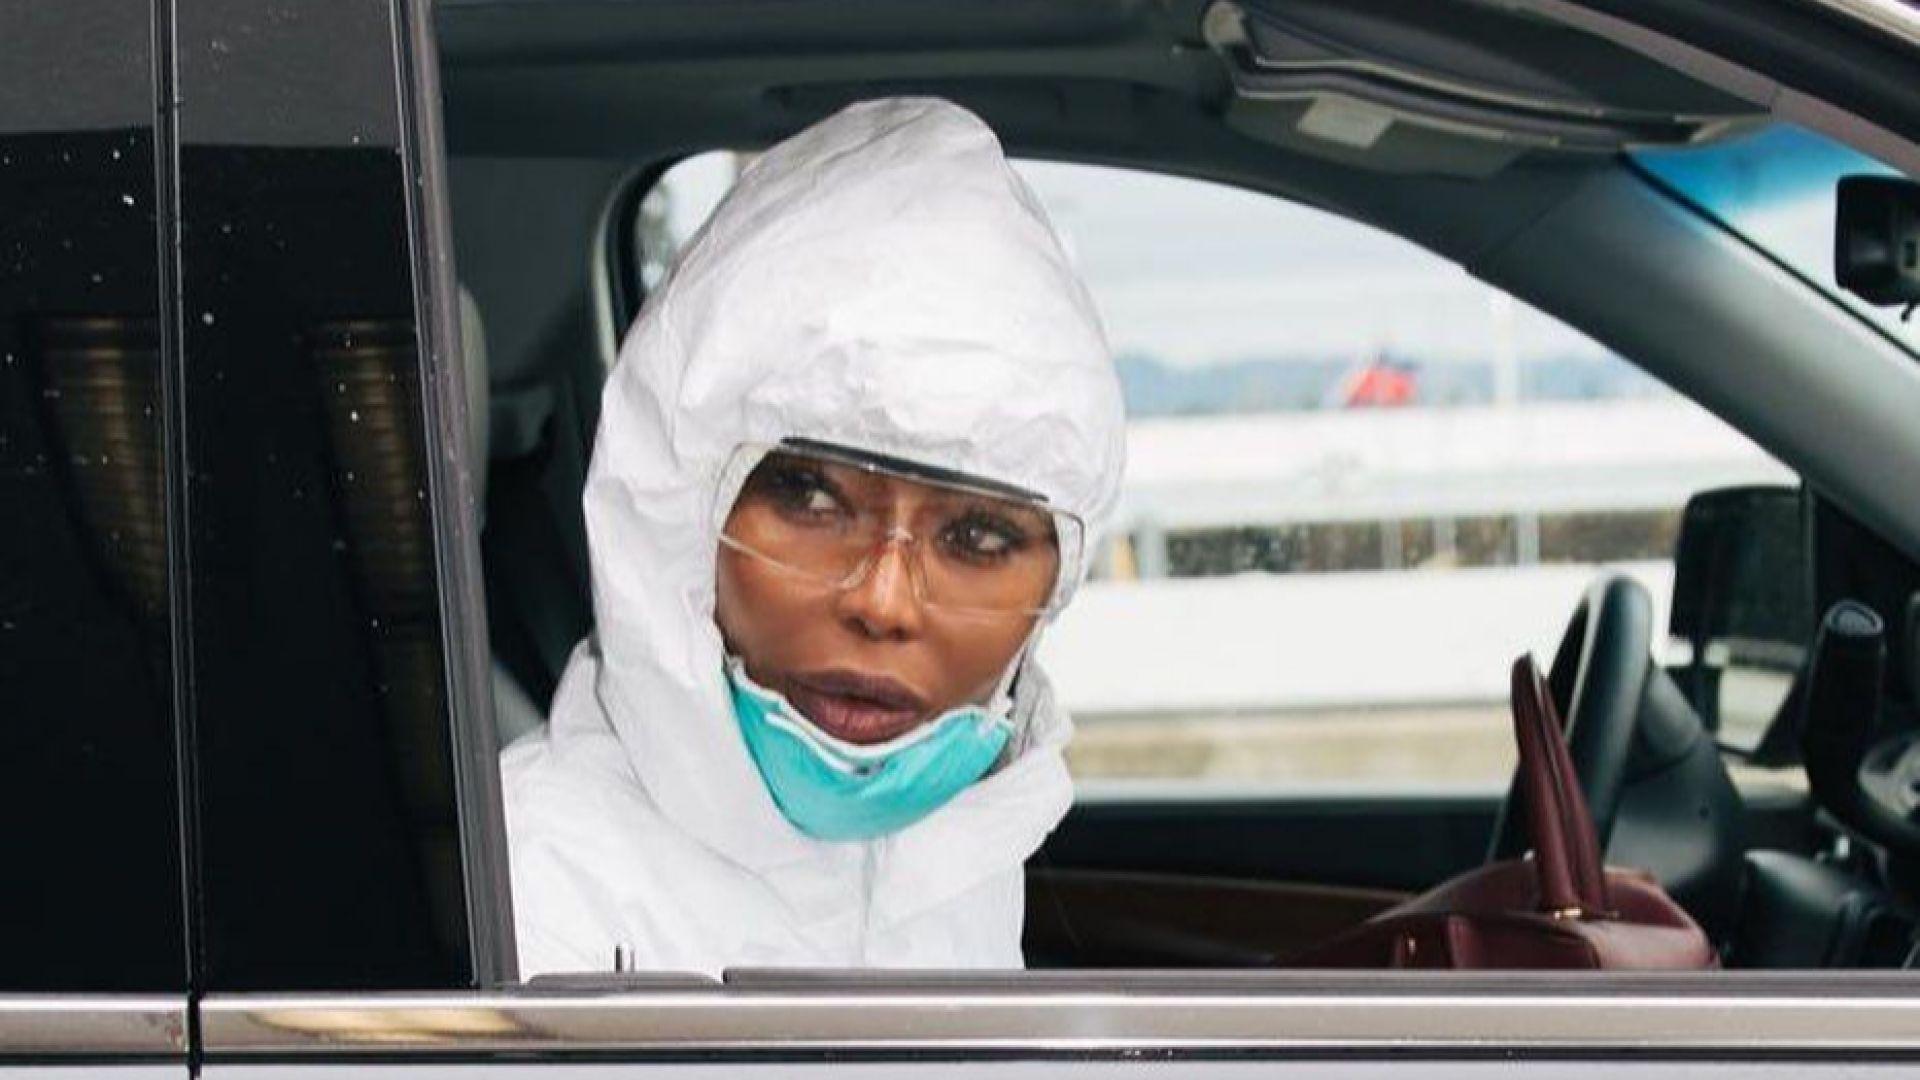 Наоми Кембъл неузнаваема в защитен костюм срещу коронавируса